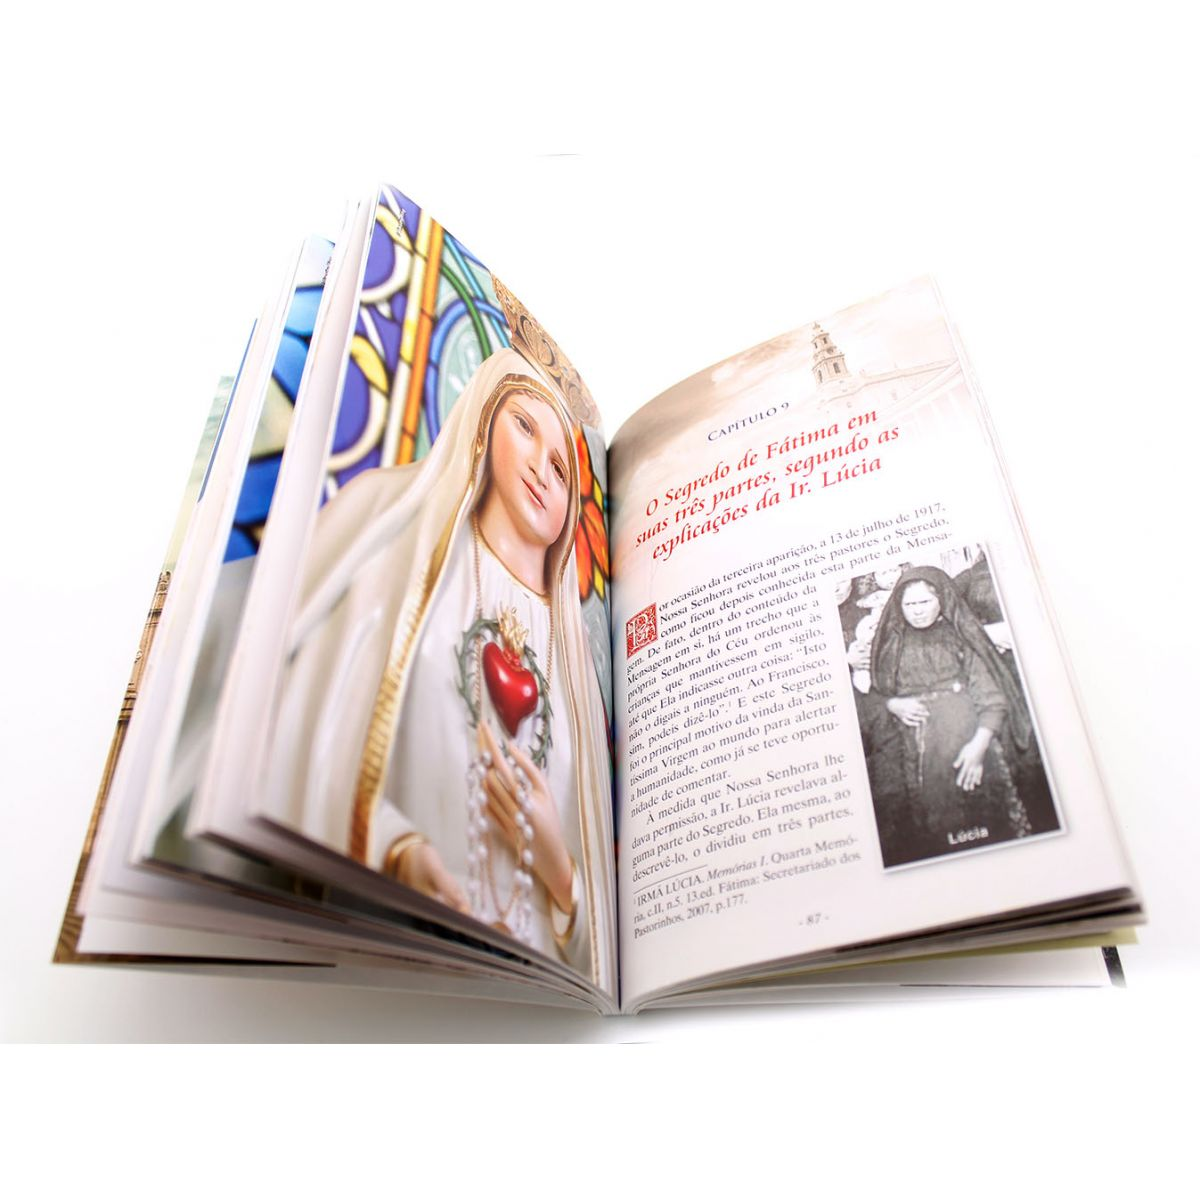 Livro Centenário de Fátima: Por fim, O Meu Imaculado Coração Triunfará